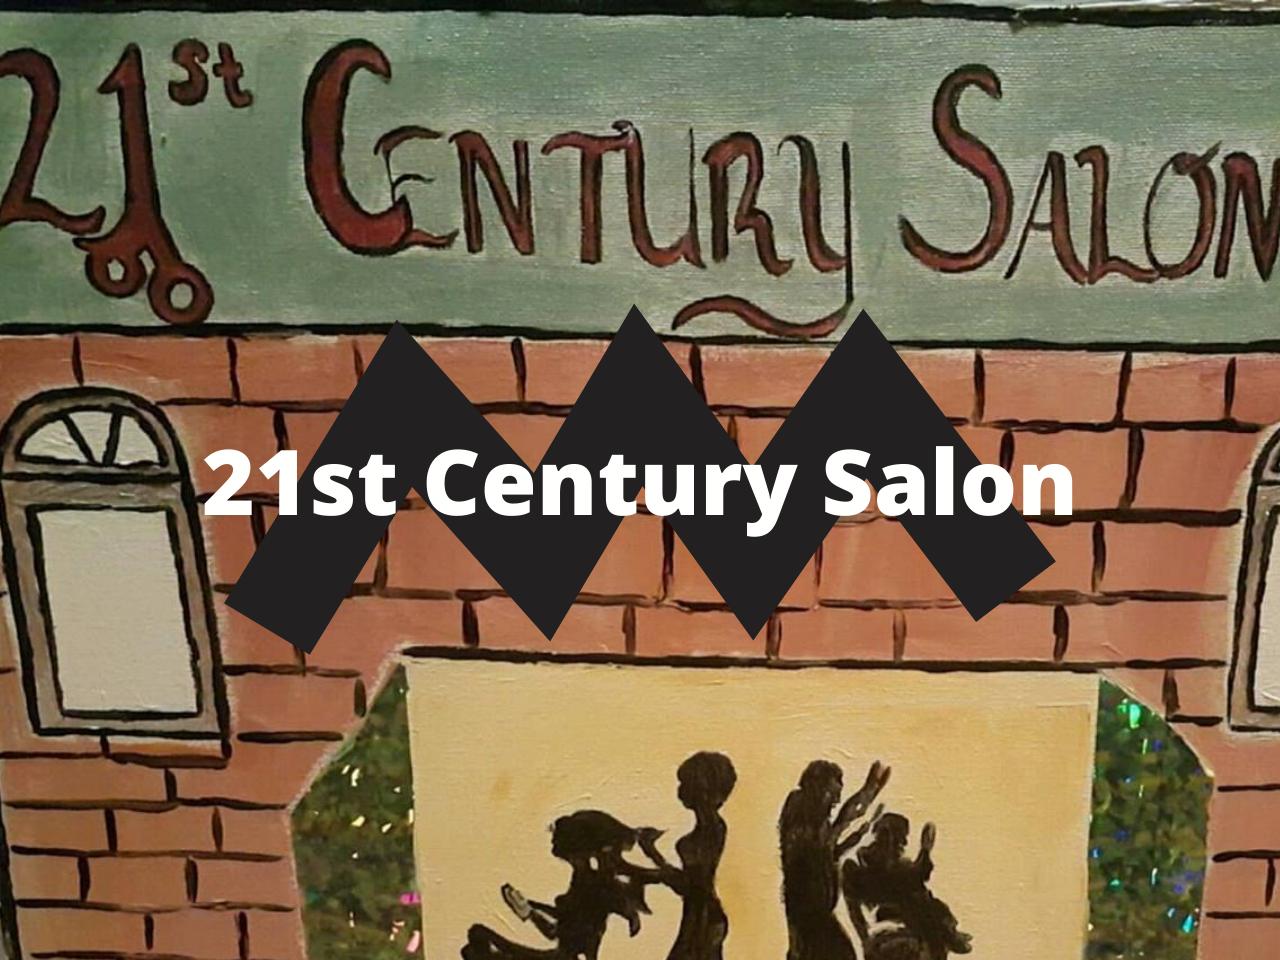 21st Century Salon